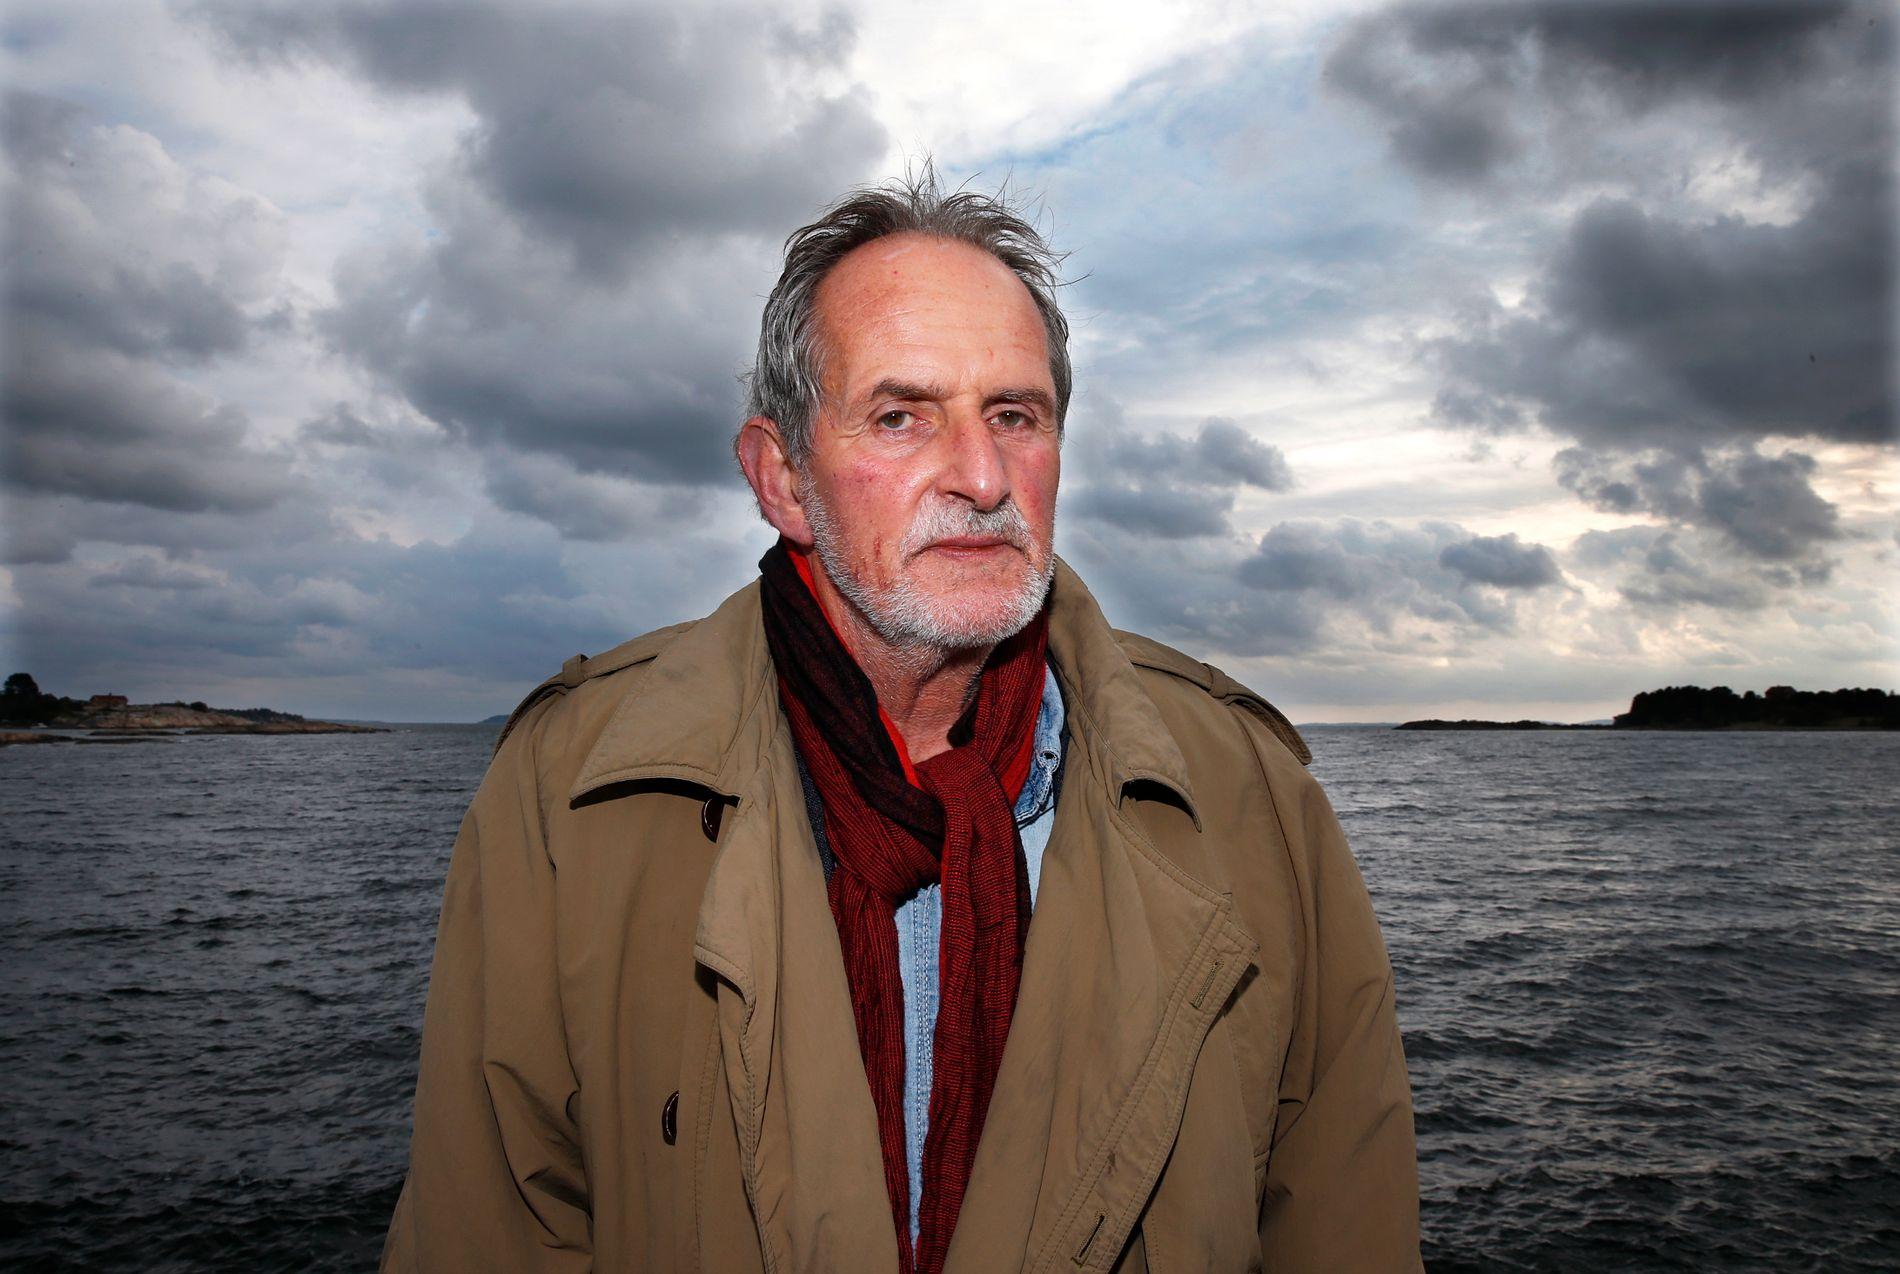 BESTSELGER: Jon Michelets siste roman kom ut etter hans død i 2018 - og ble av fjorårets bøker den mest solgte norske romanen, samt den nest mest solgte norske bok uansett sjanger.